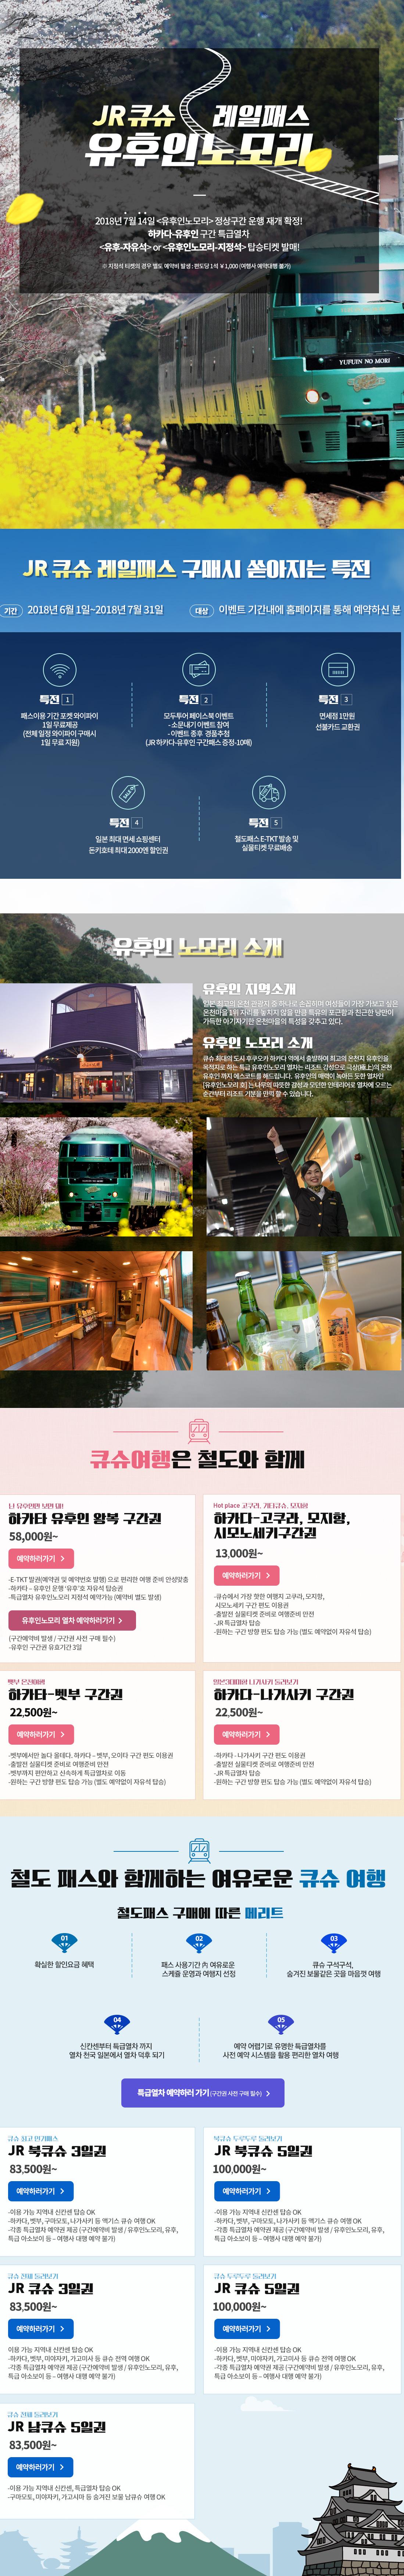 JR큐슈 유후인노모리 운행재개확정